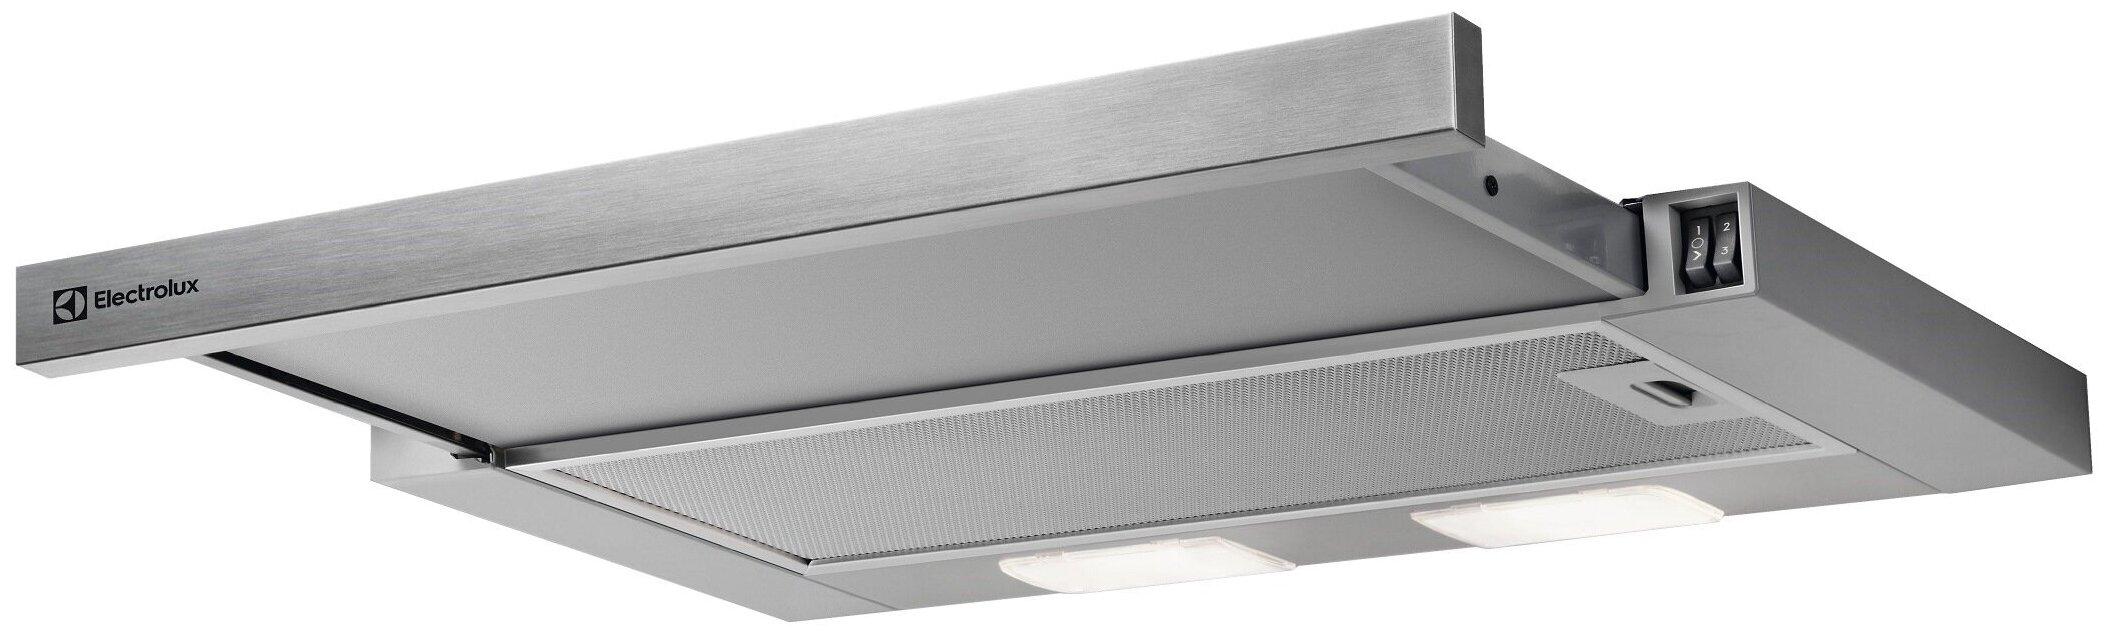 Вытяжка Electrolux LFP216S серебристый